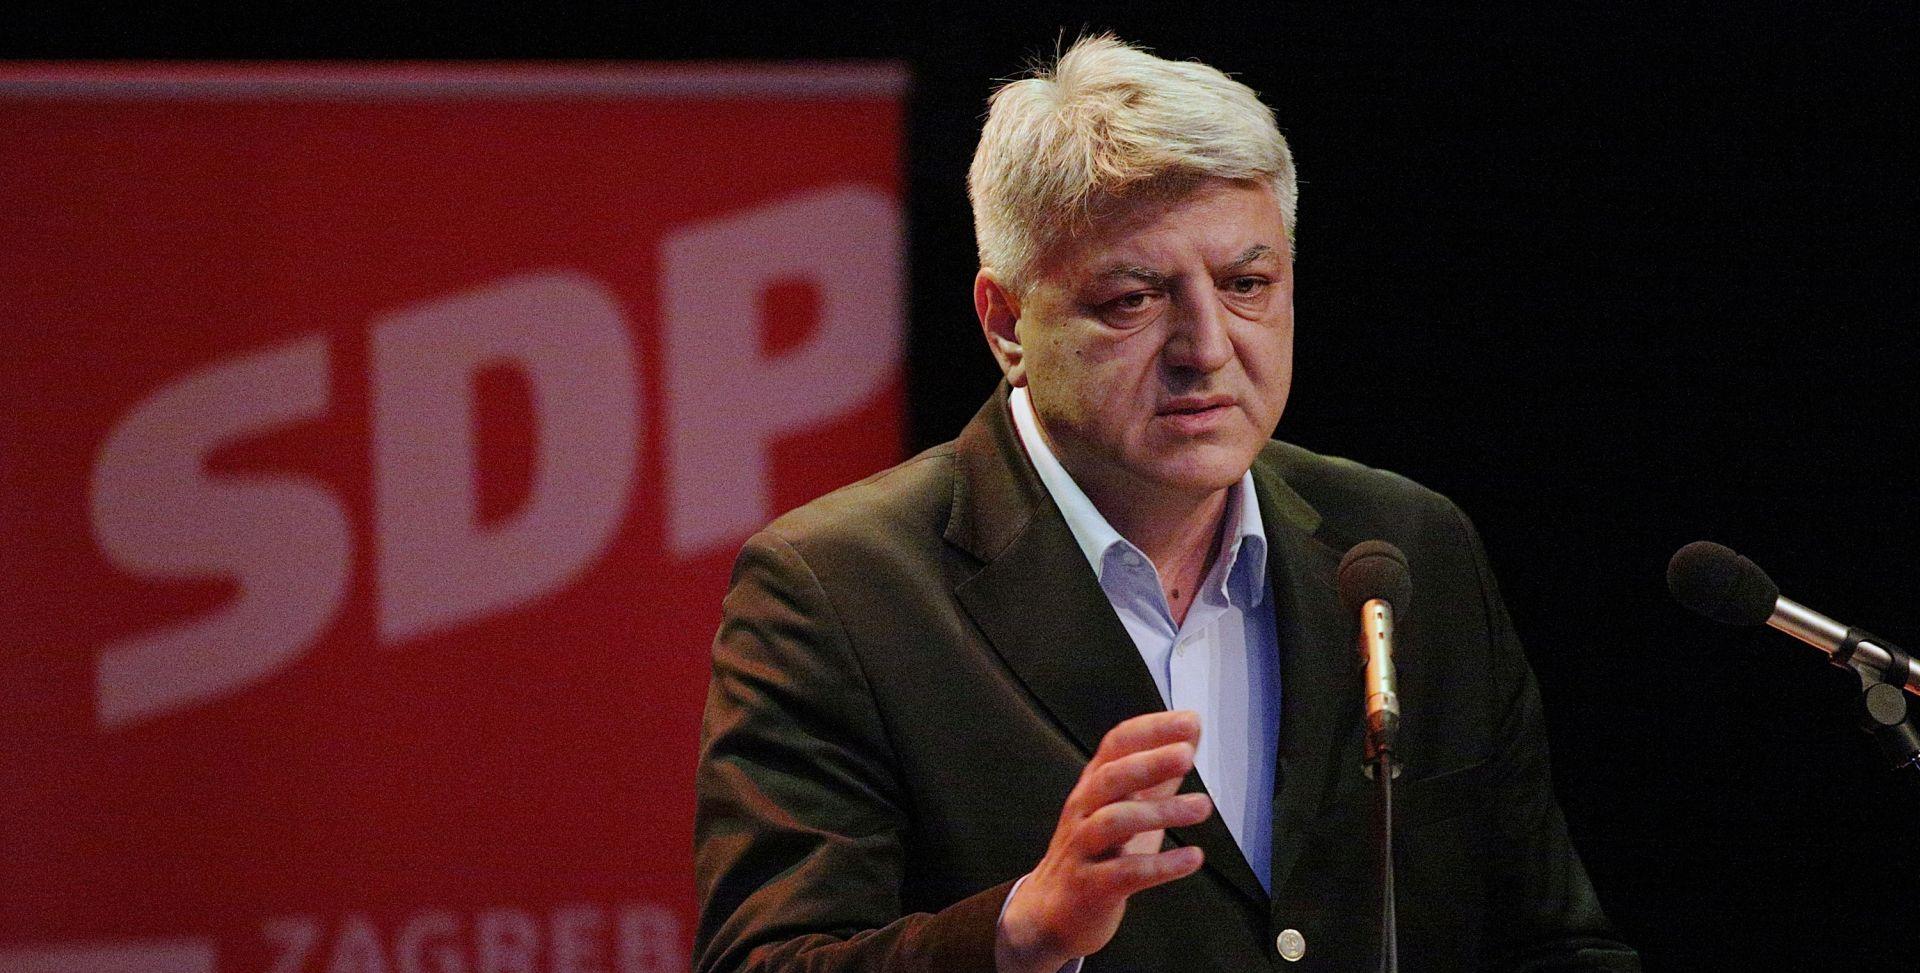 Komadina odgovarao na pitanja SDP-ovaca iz Novog Zagreba